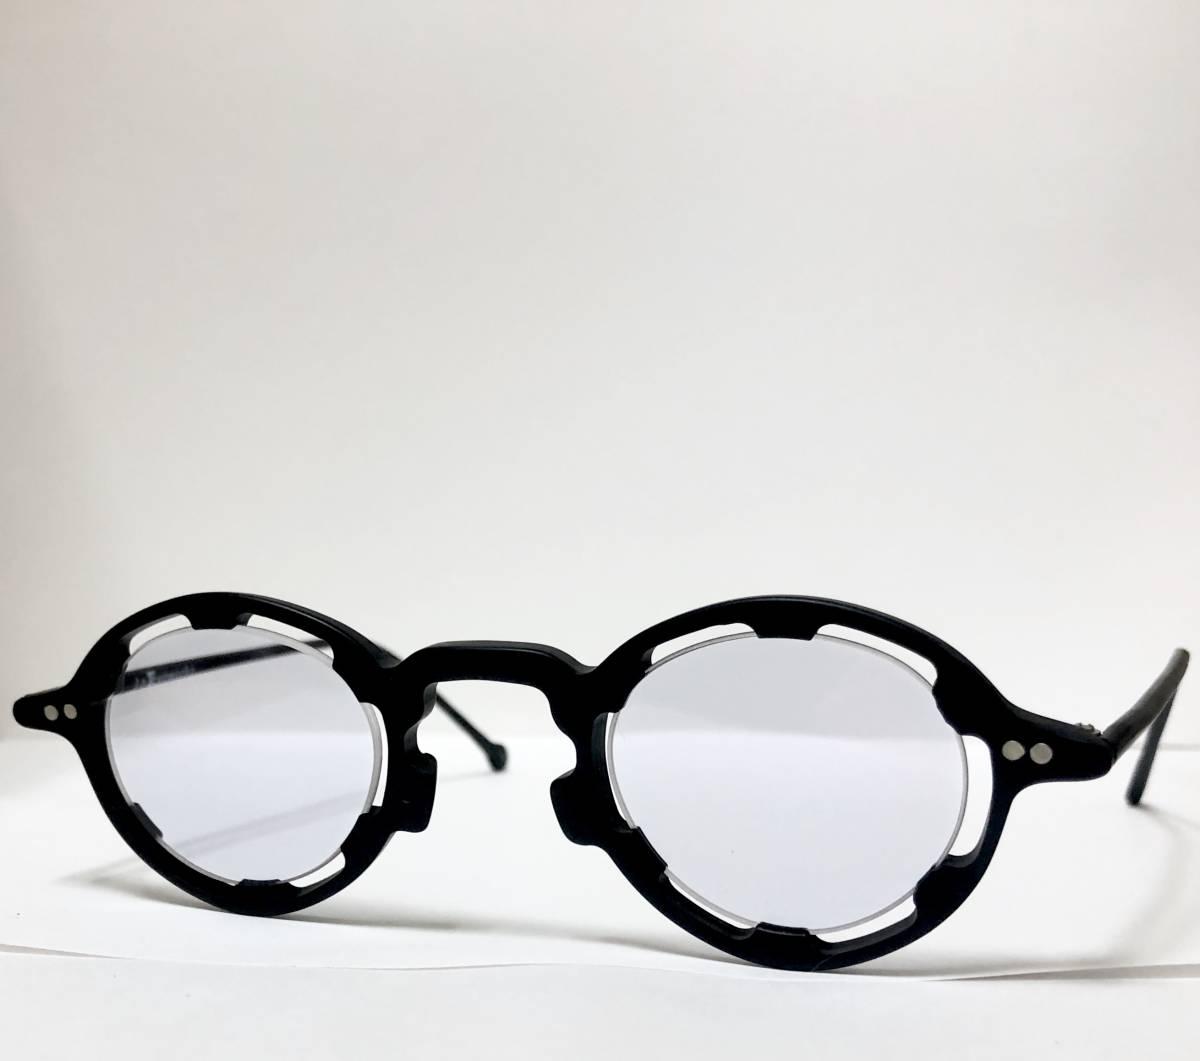 【ビンテージ・未使用】1990年代 l.a. Eyeworks イタリア製レグンバ 黒 高級メガネ エルエーアイワークス /ヴィンテージ 米国ブランド_画像2